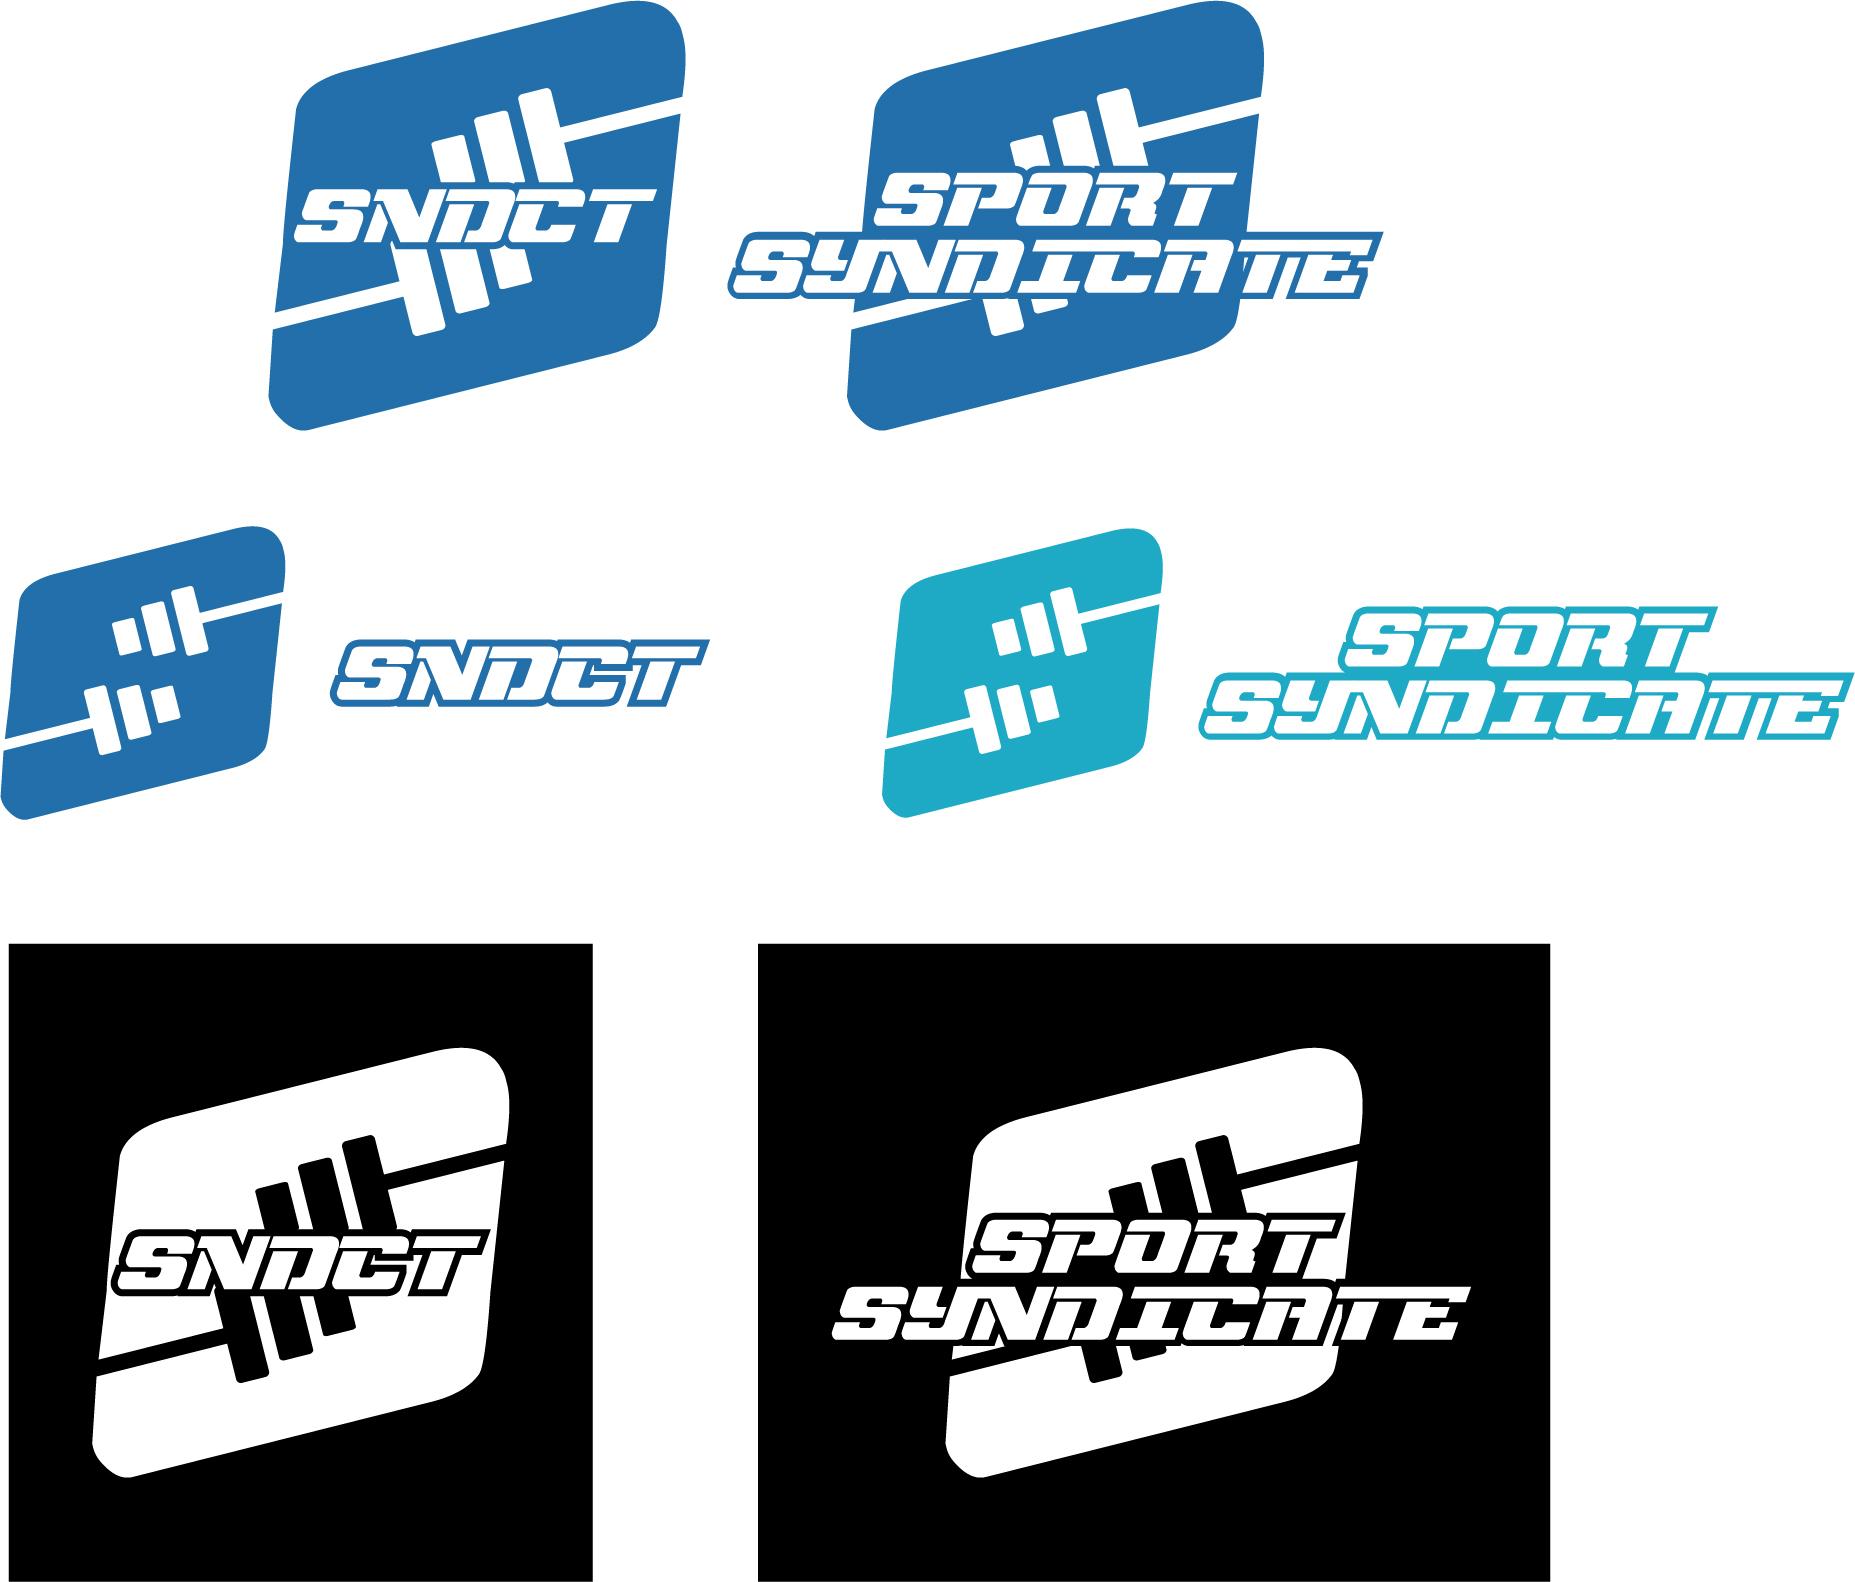 Создать логотип для сети магазинов спортивного питания фото f_18659788e502e255.jpg